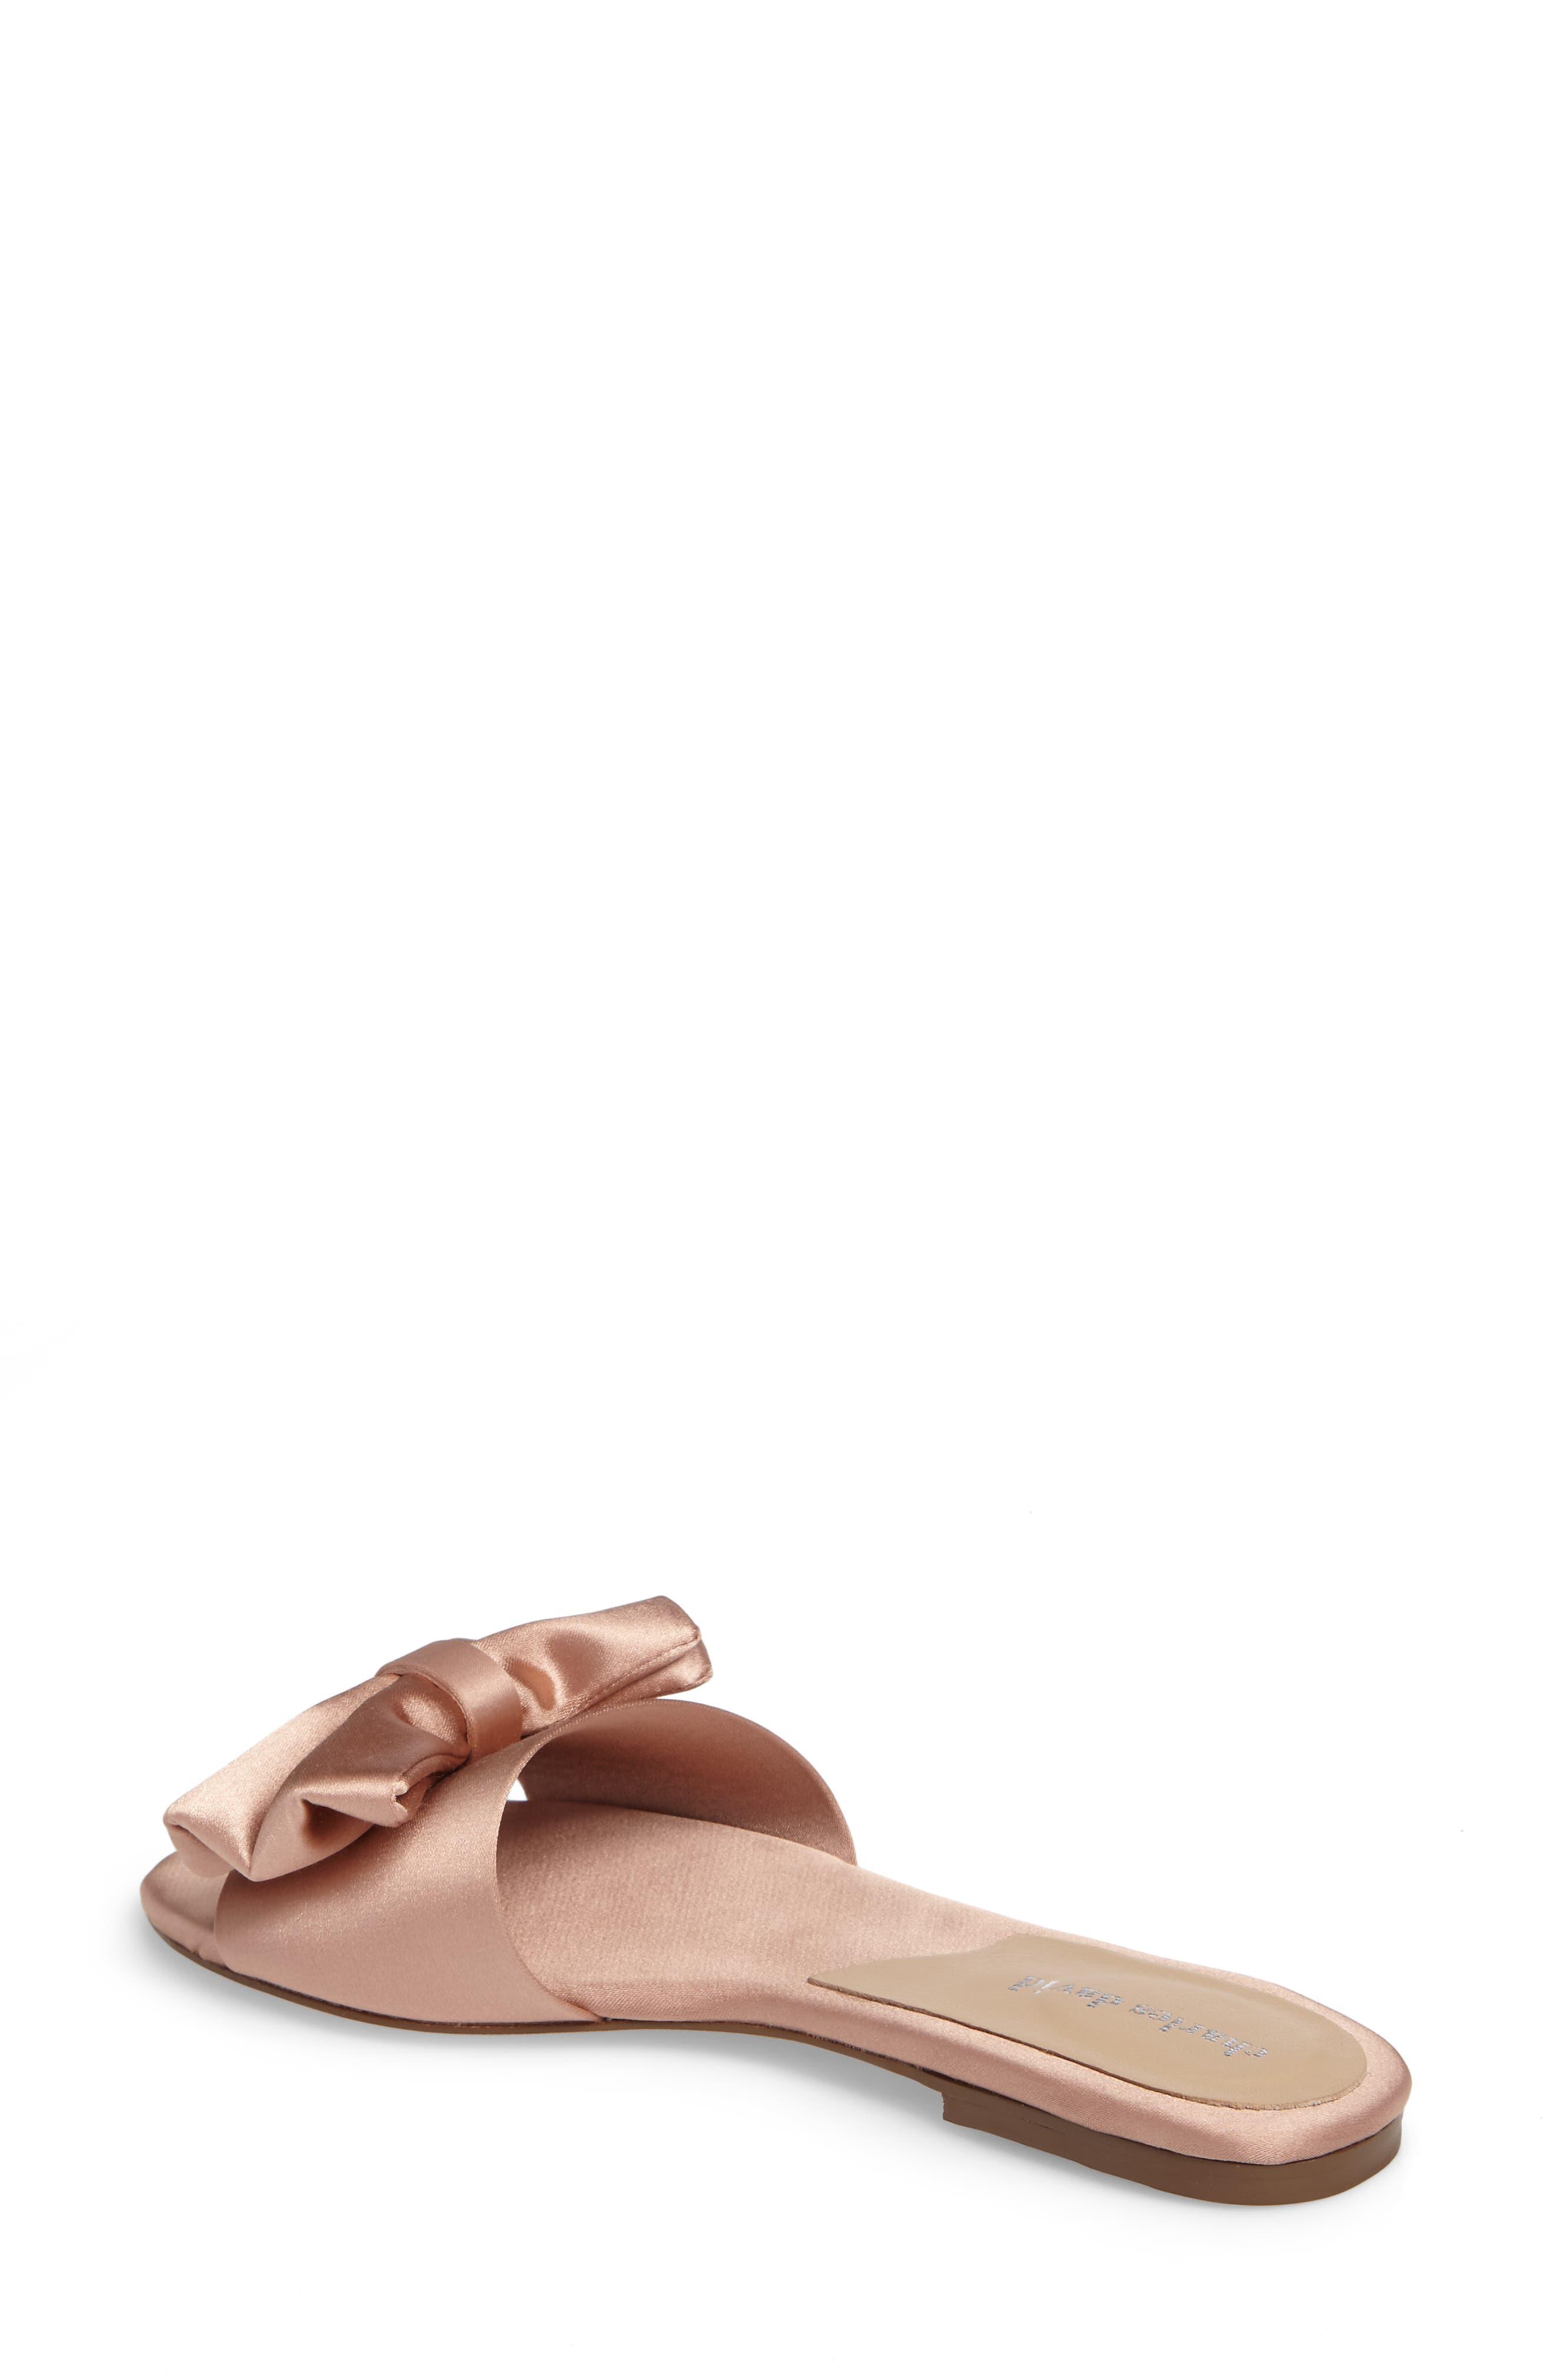 Alternate Image 2  - Charles David Bow Slide Sandal (Women)